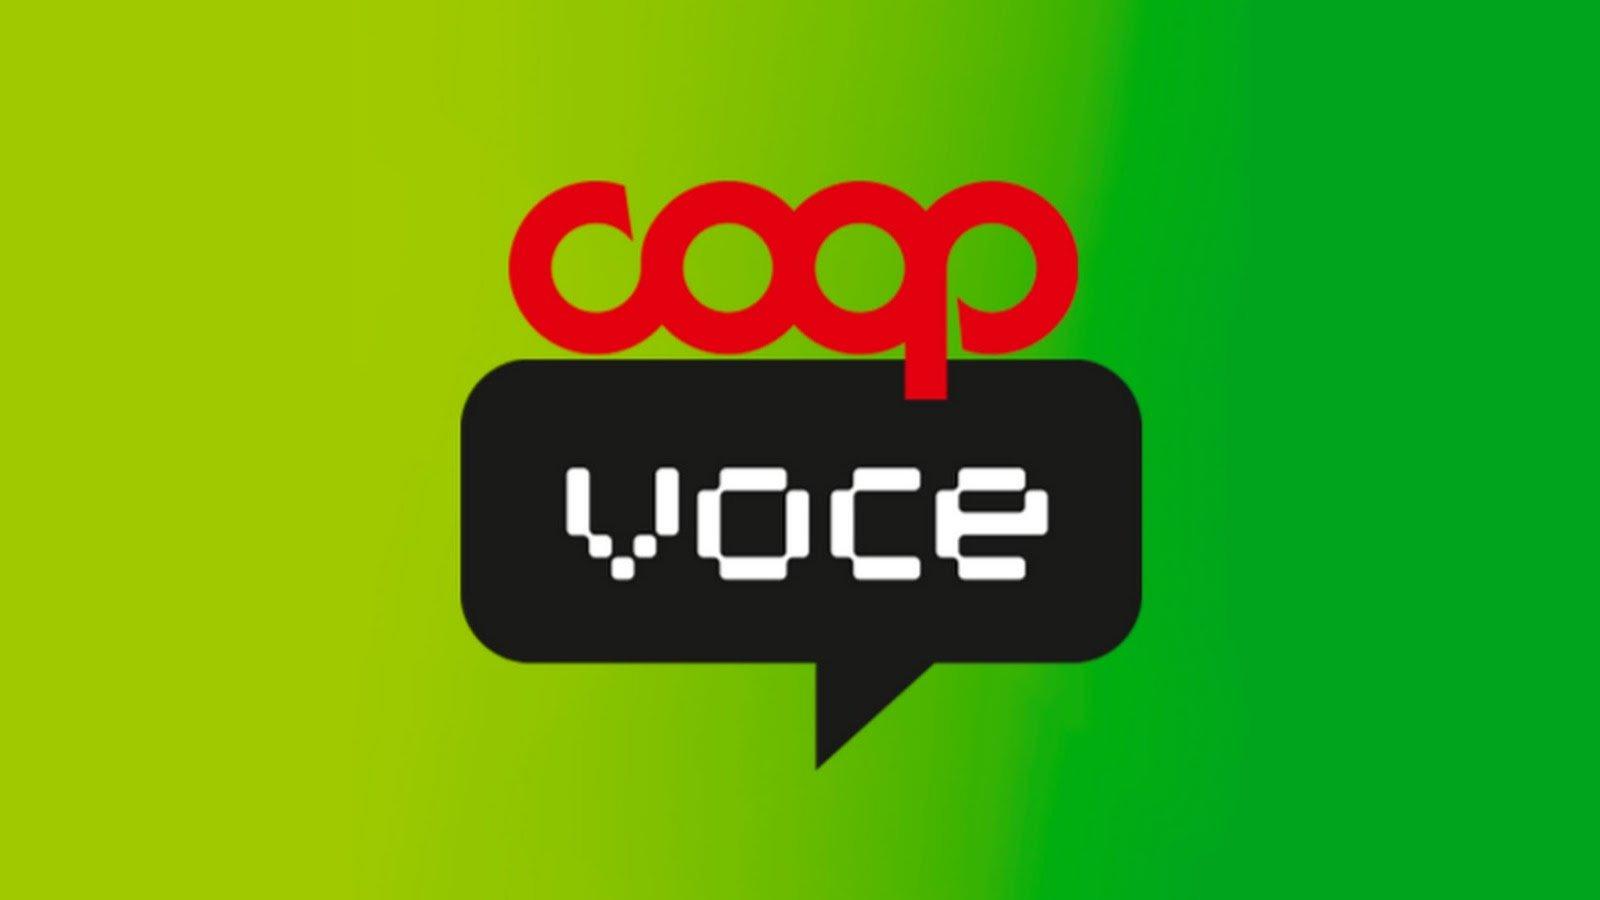 Coopvoce Arriva Il 4g Con Un Offerta Dedicata Tuttoandroid